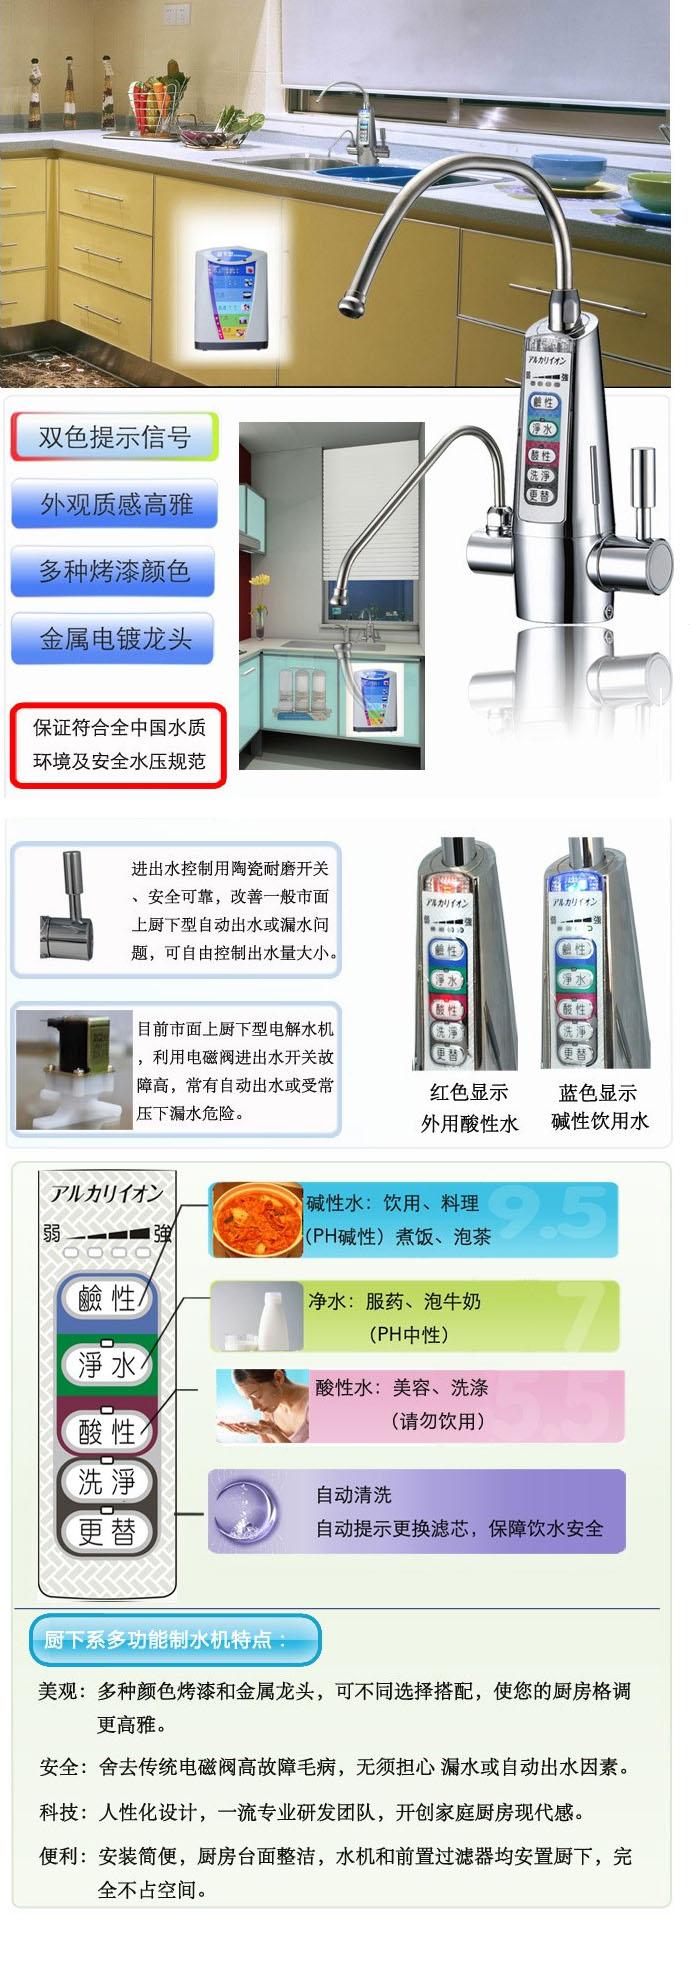 橱下型电解水机 详细介绍